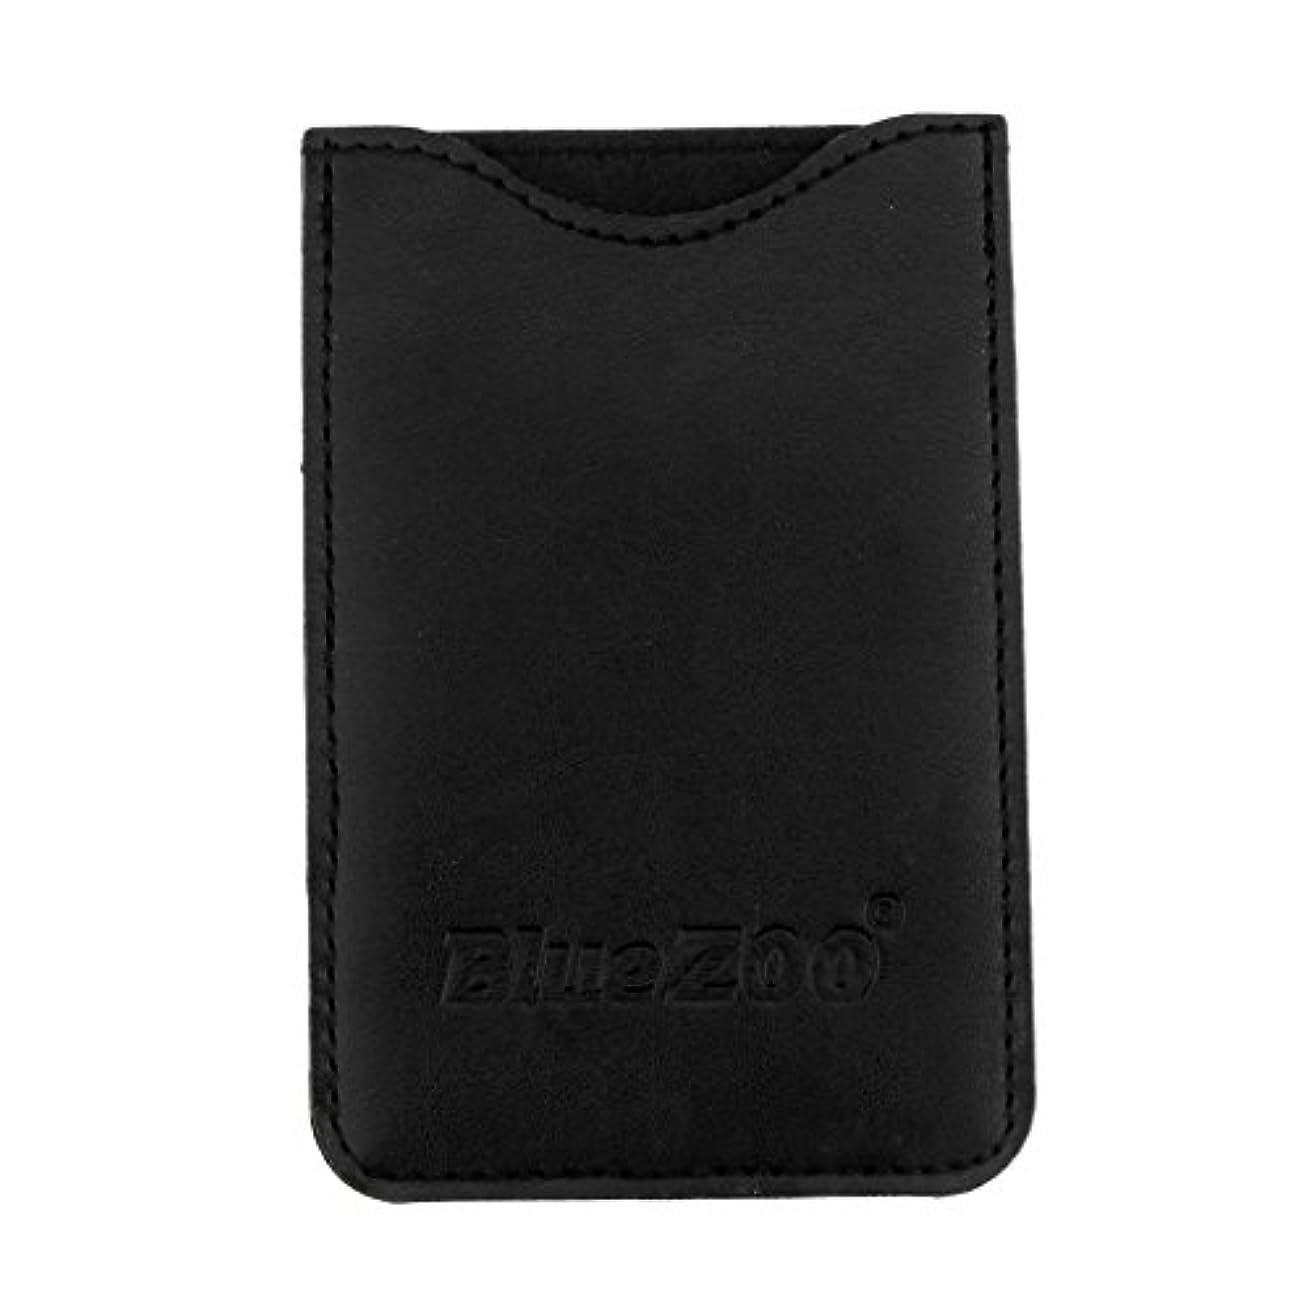 導体天窓クリームToygogo PUレザー ポケット コームバッグ 櫛バッグ 収納パック 保護カバー 柔らかい 全2色 - ブラック